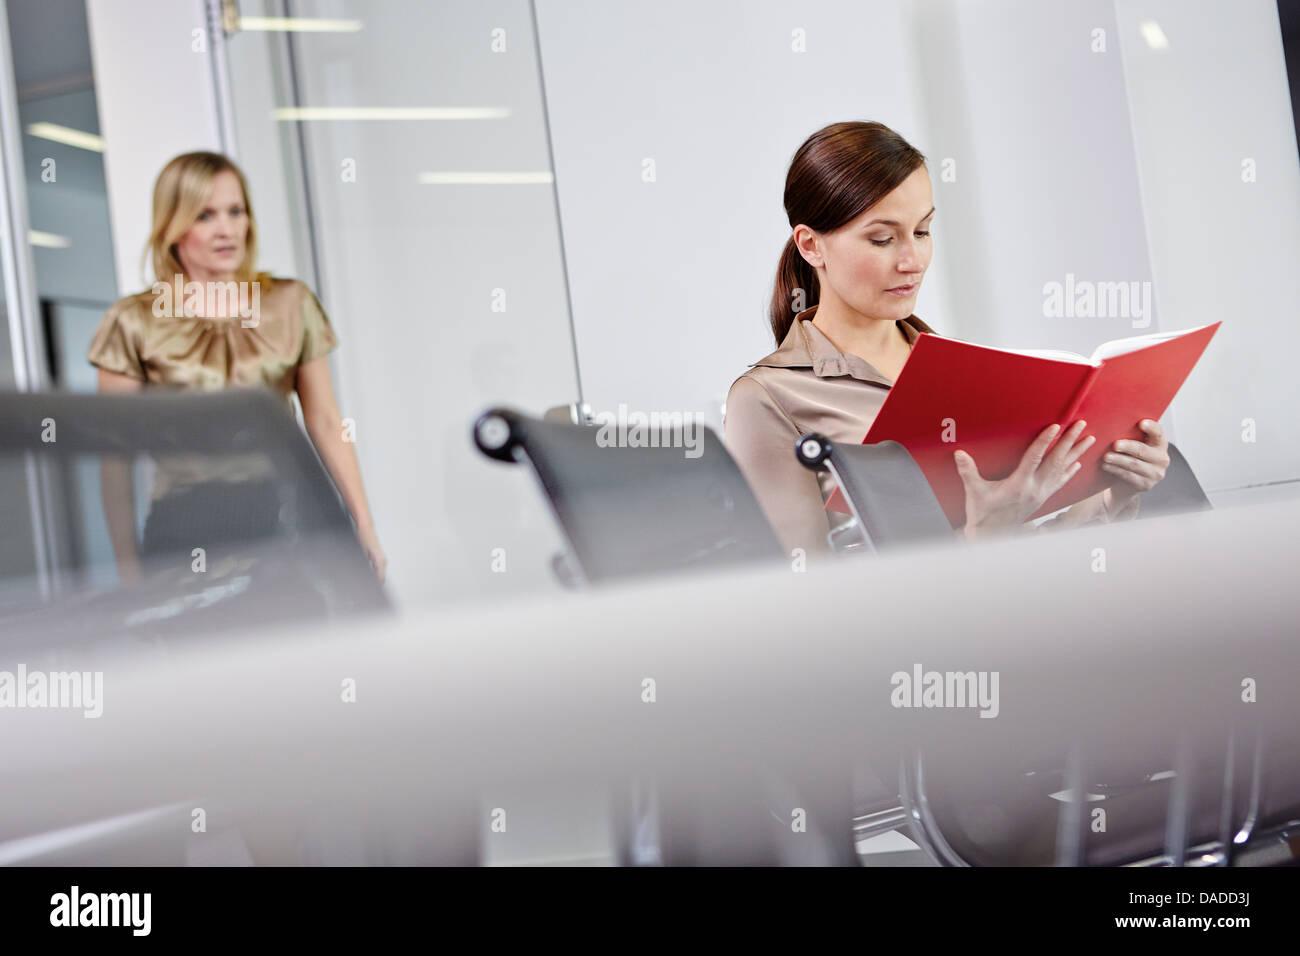 Mujer de negocios sentado en la mesa de conferencia, libro de lectura, colega acercando Imagen De Stock